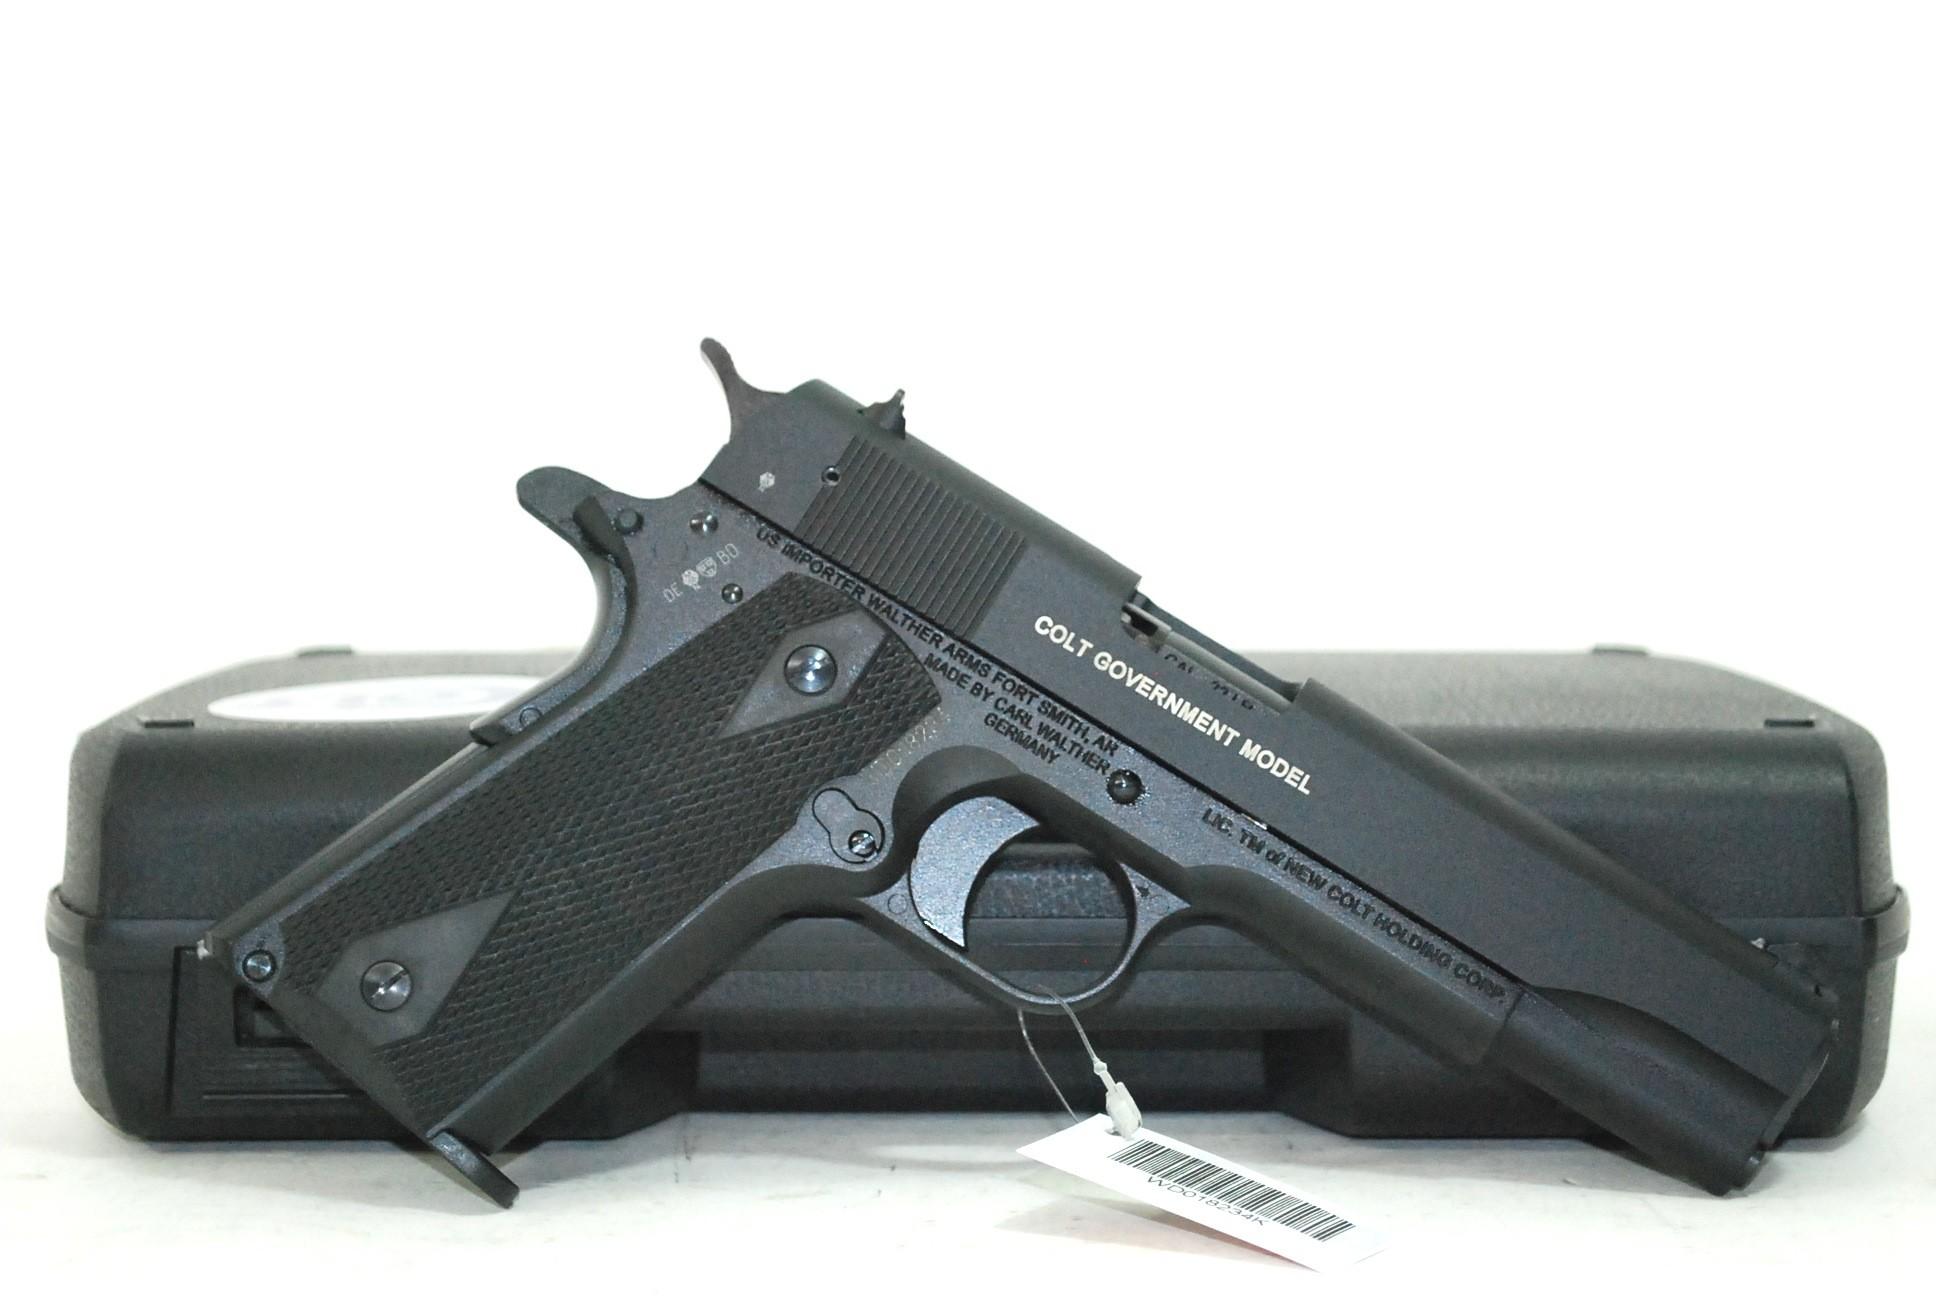 pistol new download